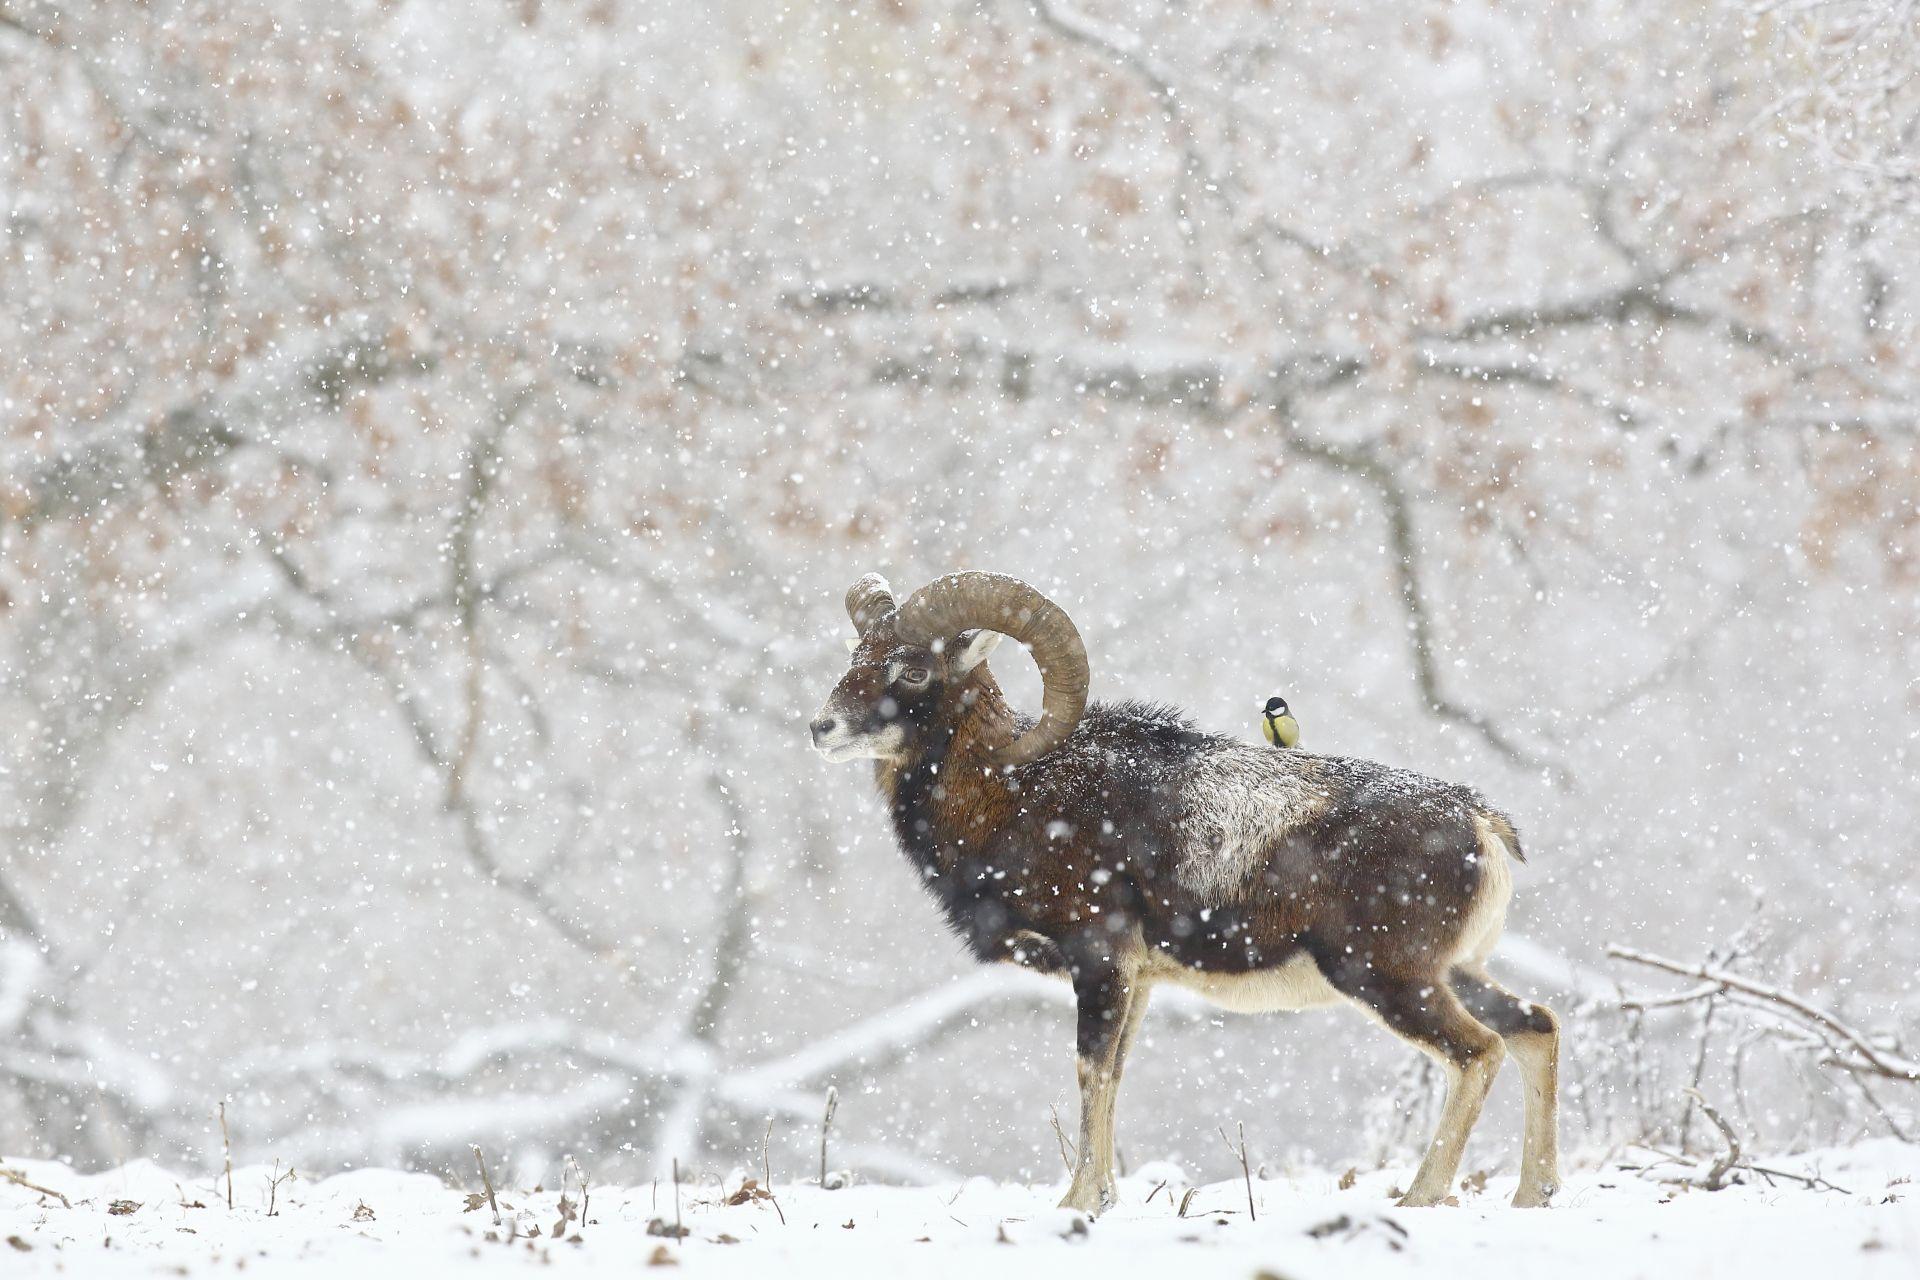 Fotó: Botos Éva: Tollas a hátam<br />A Bükk lábánál, télen, szakadó hóesésben sikerült elkapnom ezt a pillanatot a cinege és a muflon különleges kapcsolatáról, amit korábban még soha nem tapasztaltam. A muflon jó két percig tűrte, ahogy több széncinege is rárepül a hátára, de sajnos mindvégig tőlem elfordulva tette ezt. Csak pár másodperc volt az idő, amíg felém fordult, de ekkor már csak egy cinege ült a hátán. Sokat gondolkodtam ezen a nem mindennapi kapcsolaton, de csak feltevéseim vannak. Talán a hólepte tájban, a táplálékot nem találó cinege, a hóval lepte ágak helyett a kost használta beszállóágnak. Azt, hogy a muflonnak ebből mi haszna lehetett, elképzelésem sincs.<br /><br />Az emlősök viselkedése<br />Dicséretre méltó